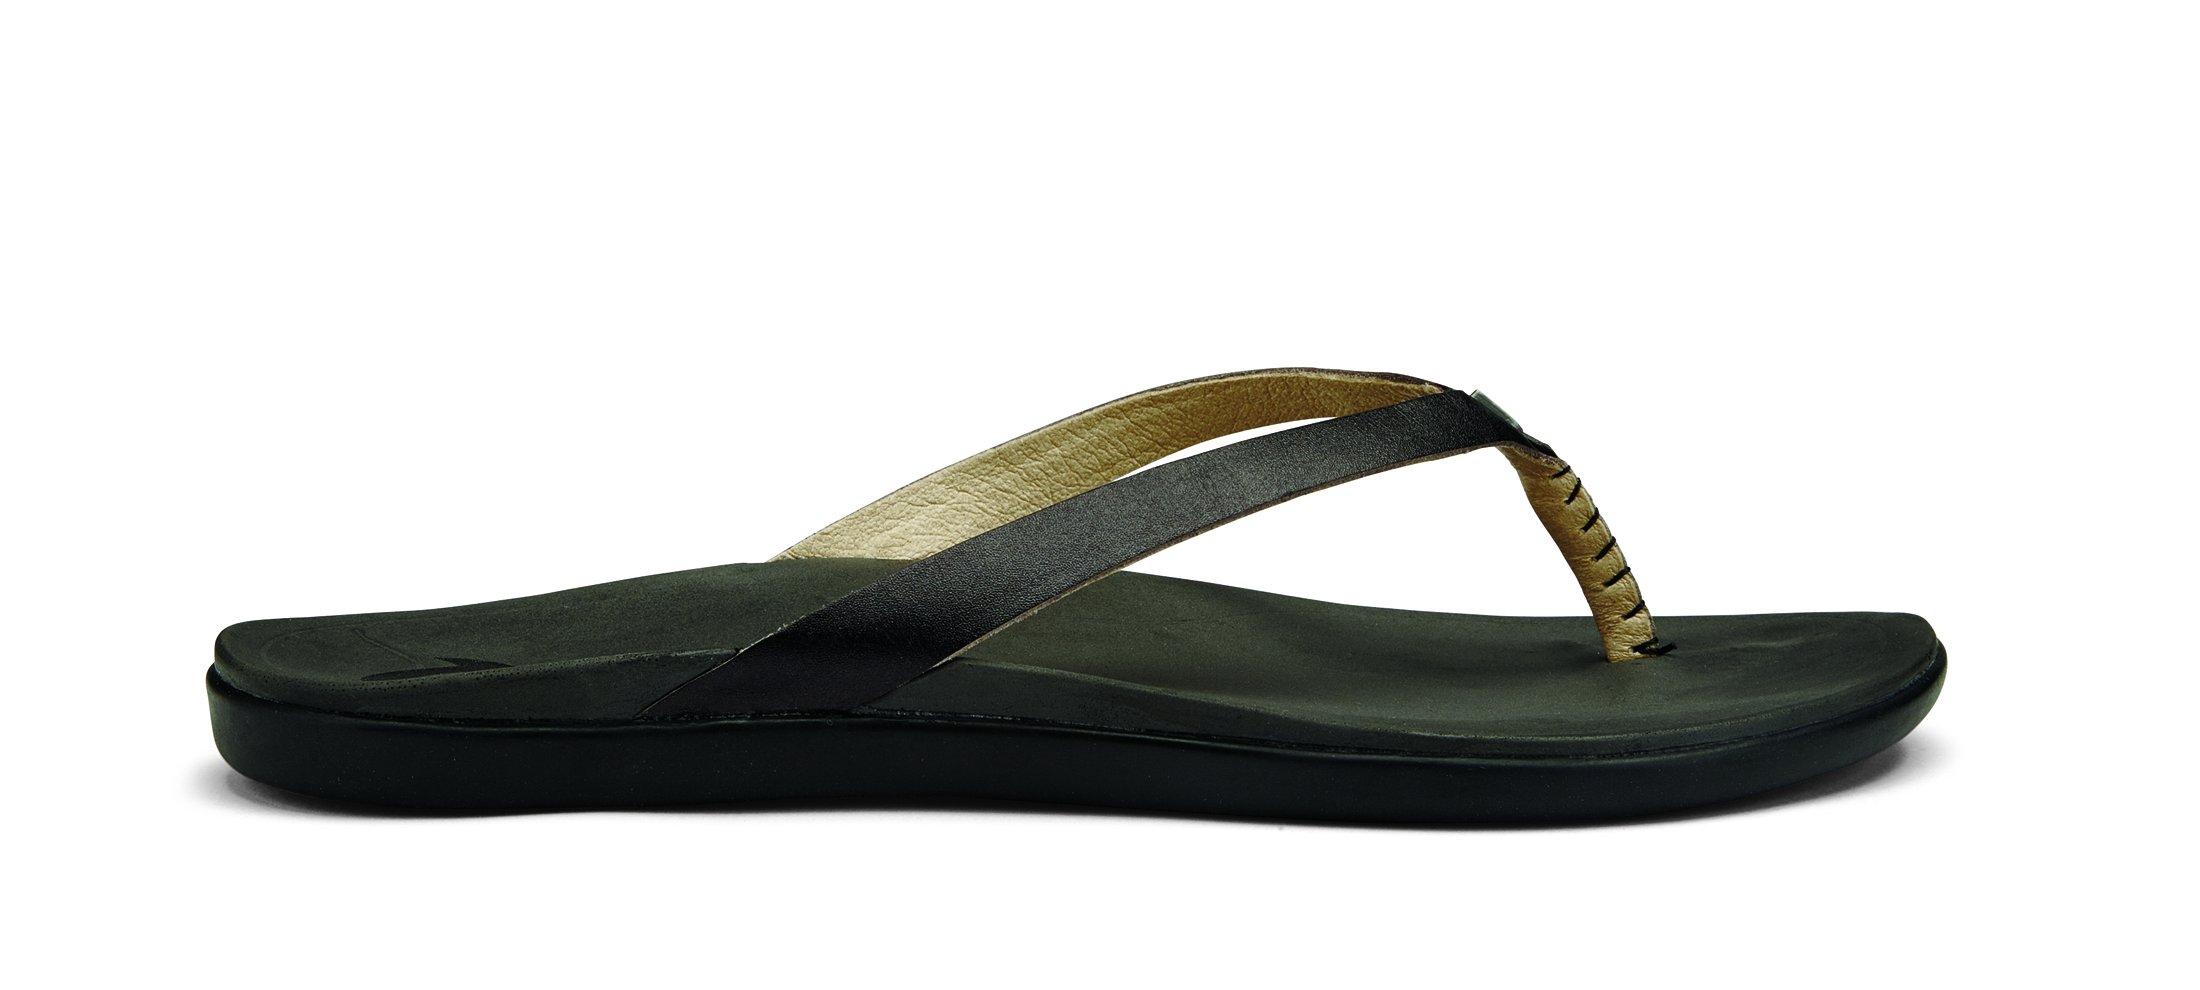 OluKai Ho'opio Leather Sandal - Women's Onyx/Black 10